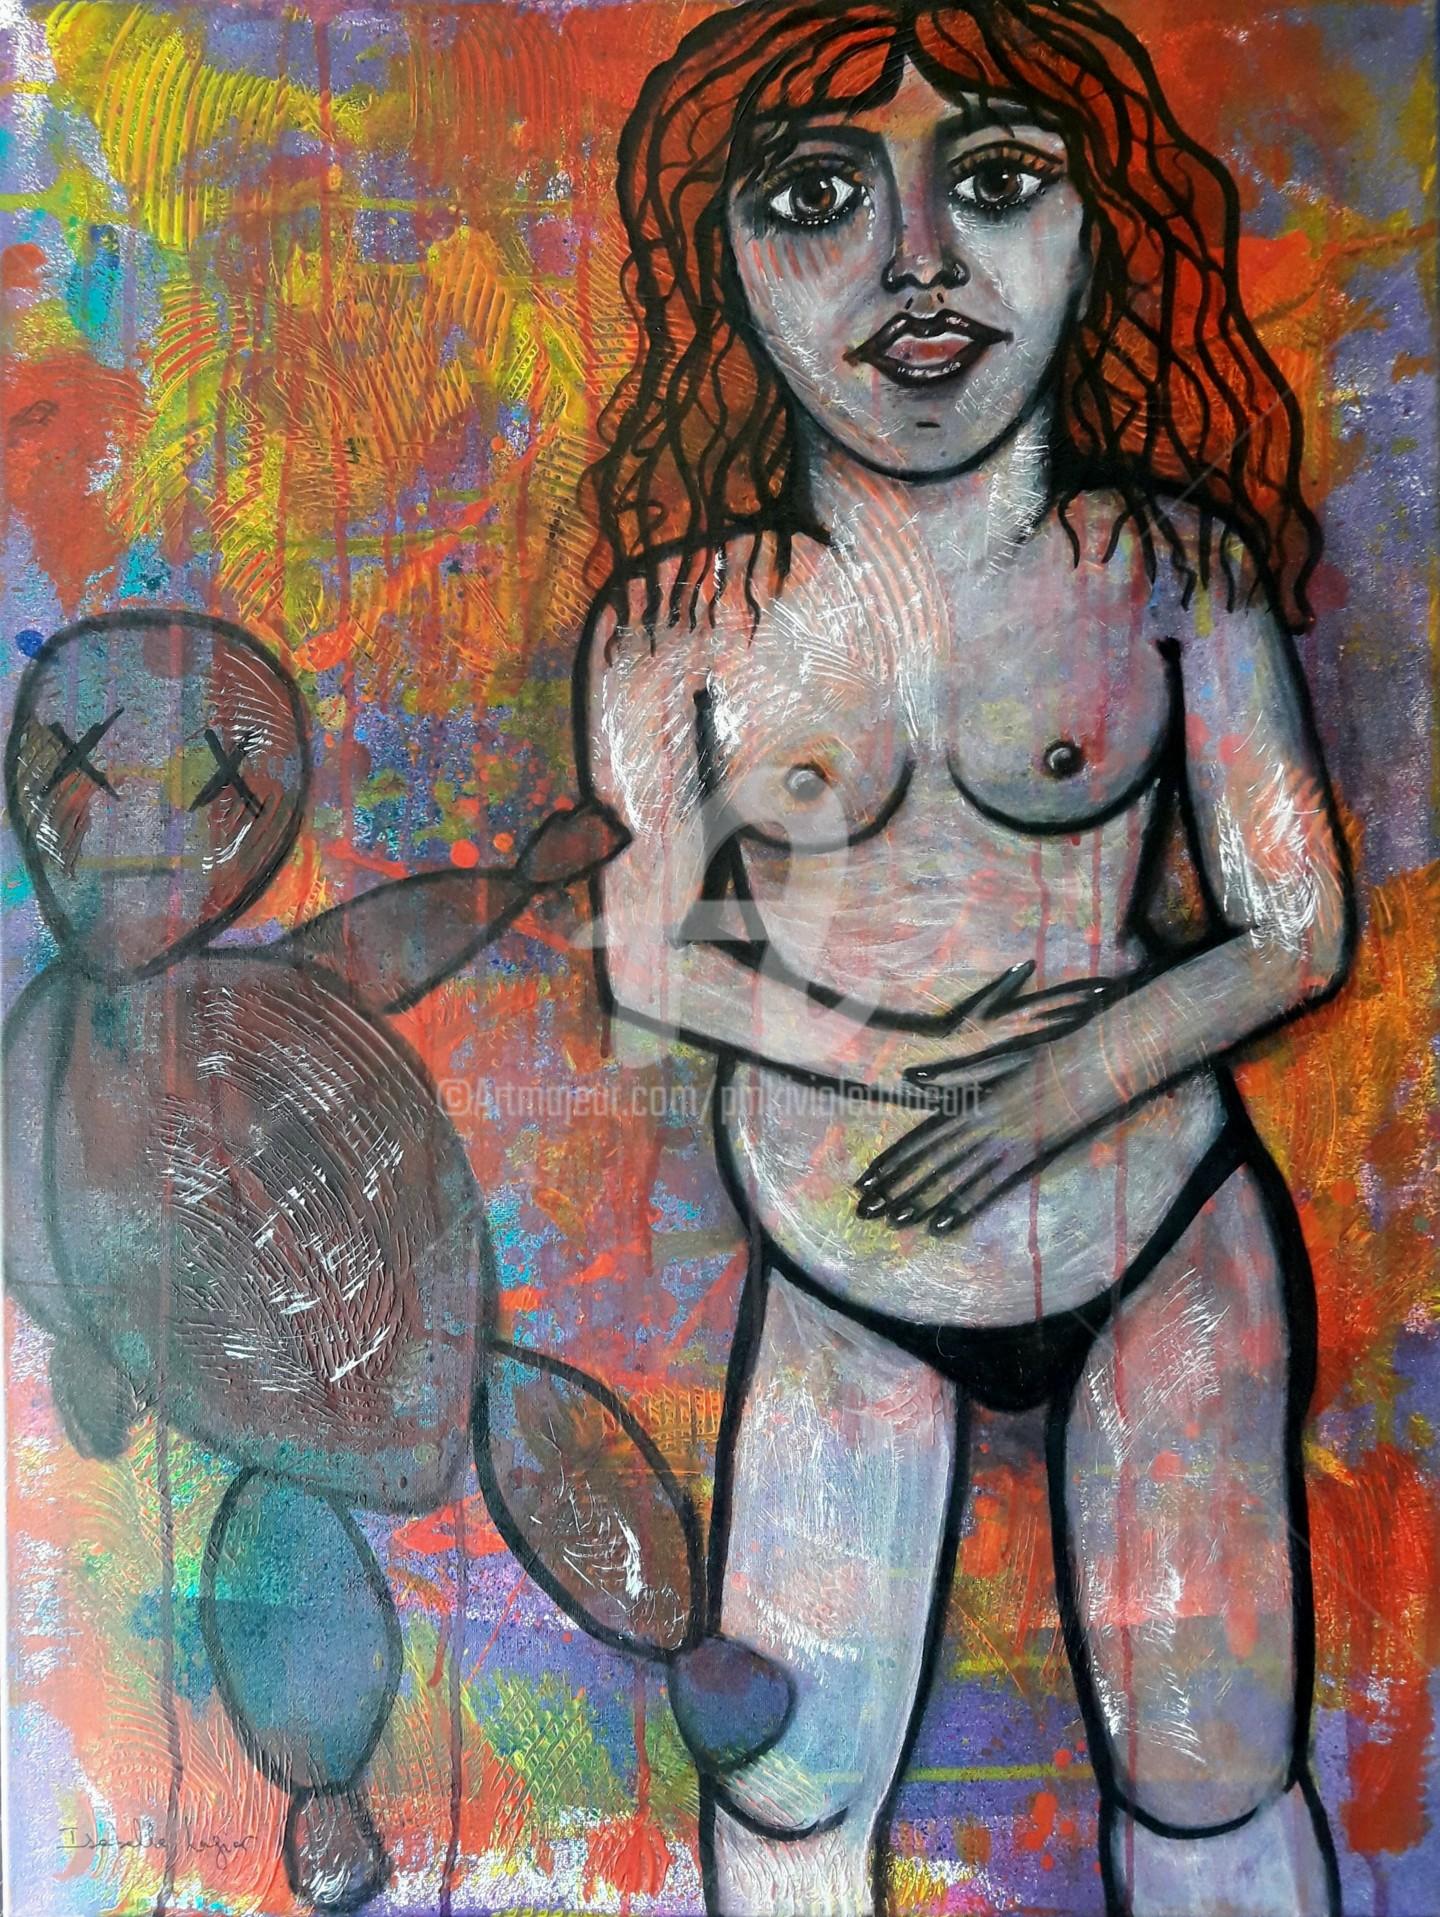 Pinkivioletblue - La demoiselle à la grossesse arrêtée